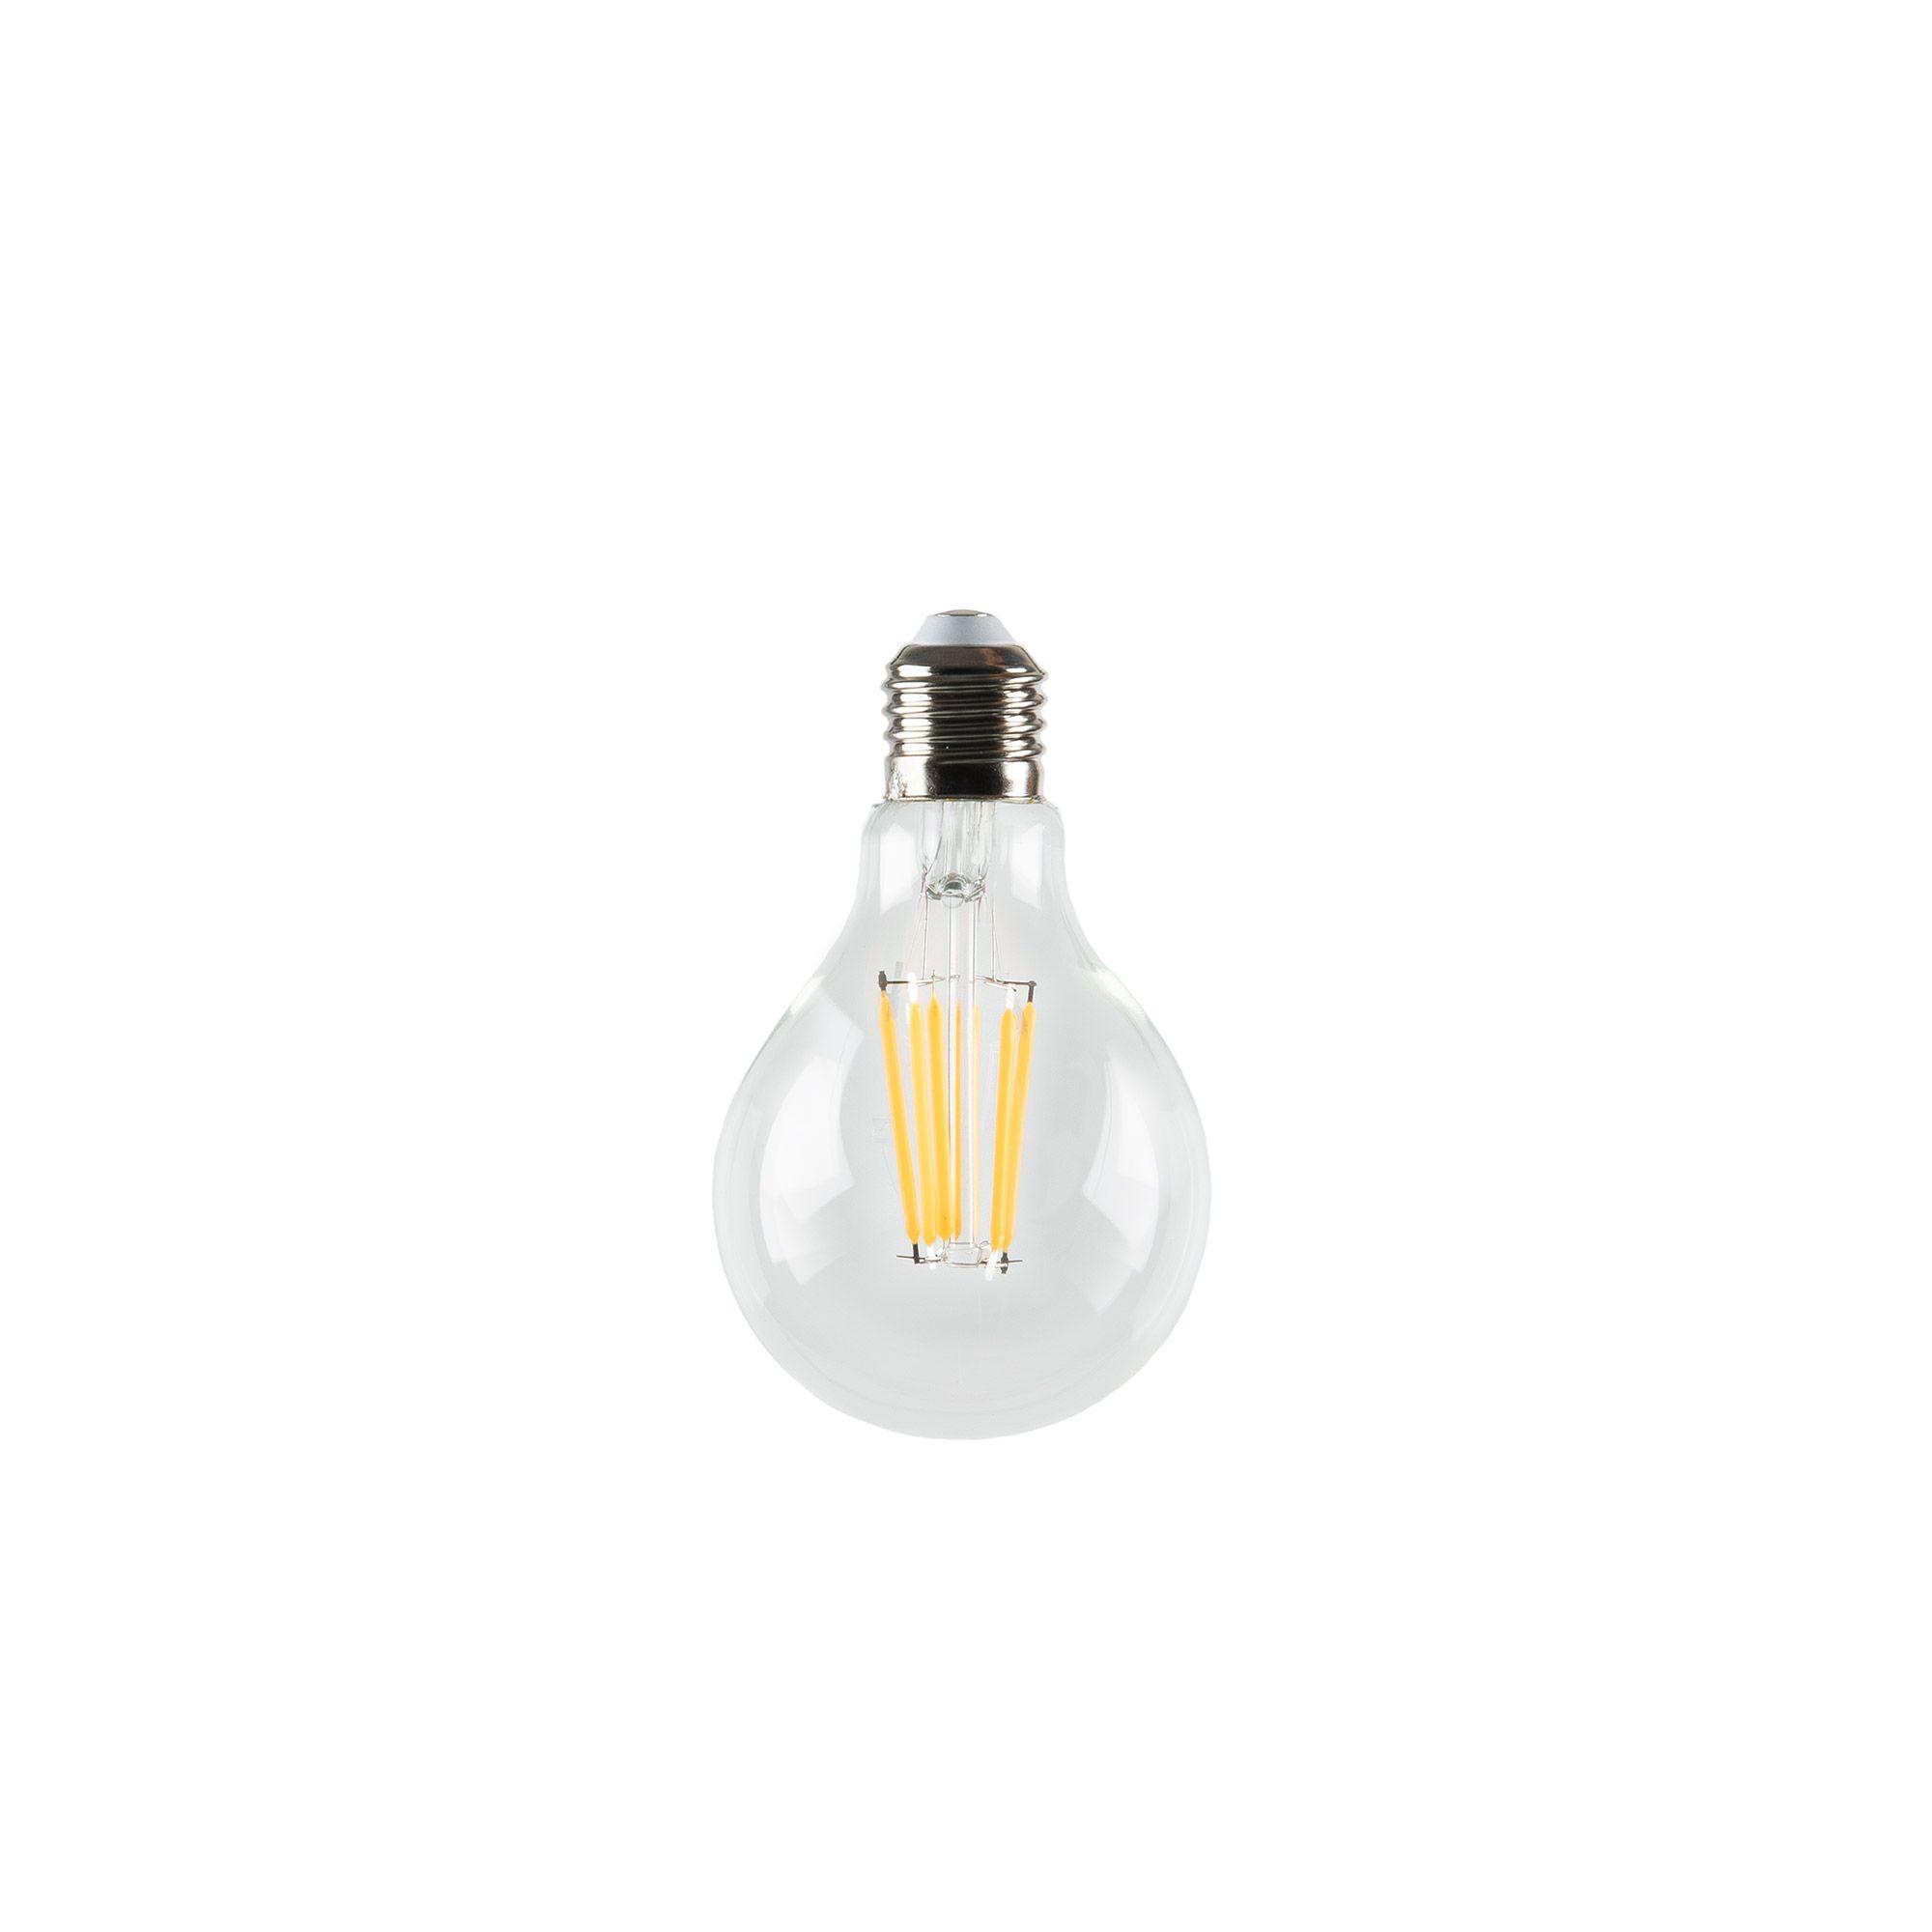 Bombilla Led Bulb E27 4w Kave Home En 2020 Bombillas Led